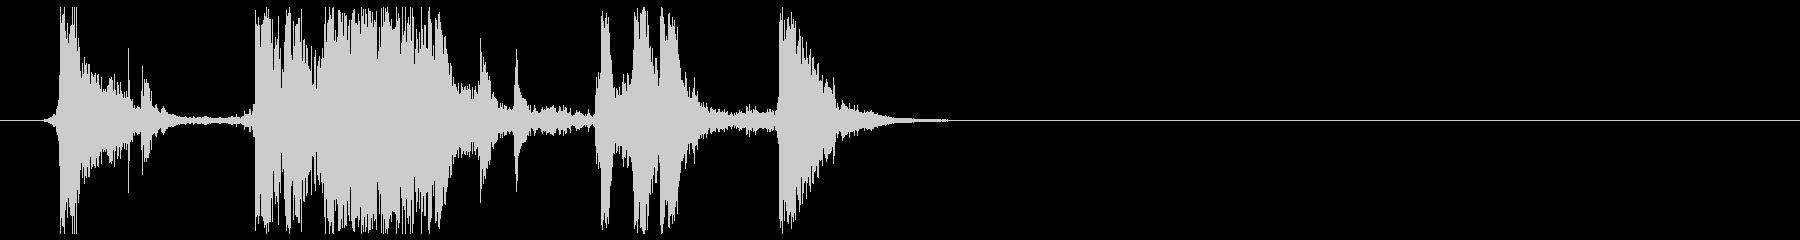 チャリンとガラスの破片が触れる音 26の未再生の波形